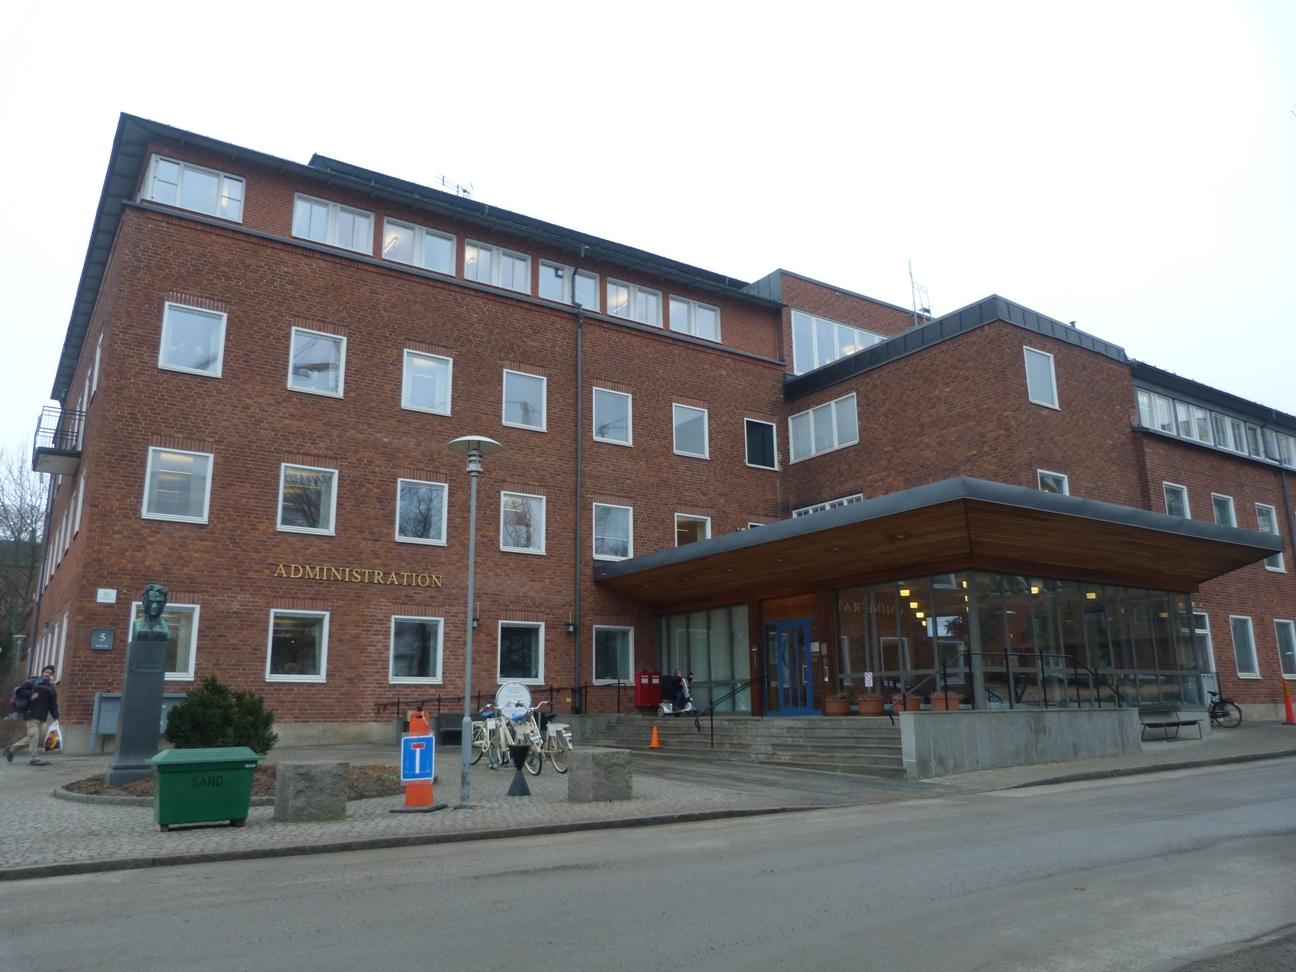 dissertations from karolinska institutet Karolinska institutet utbildning: -responsible for planning dissertations kontakta kimberly andersson direkt.